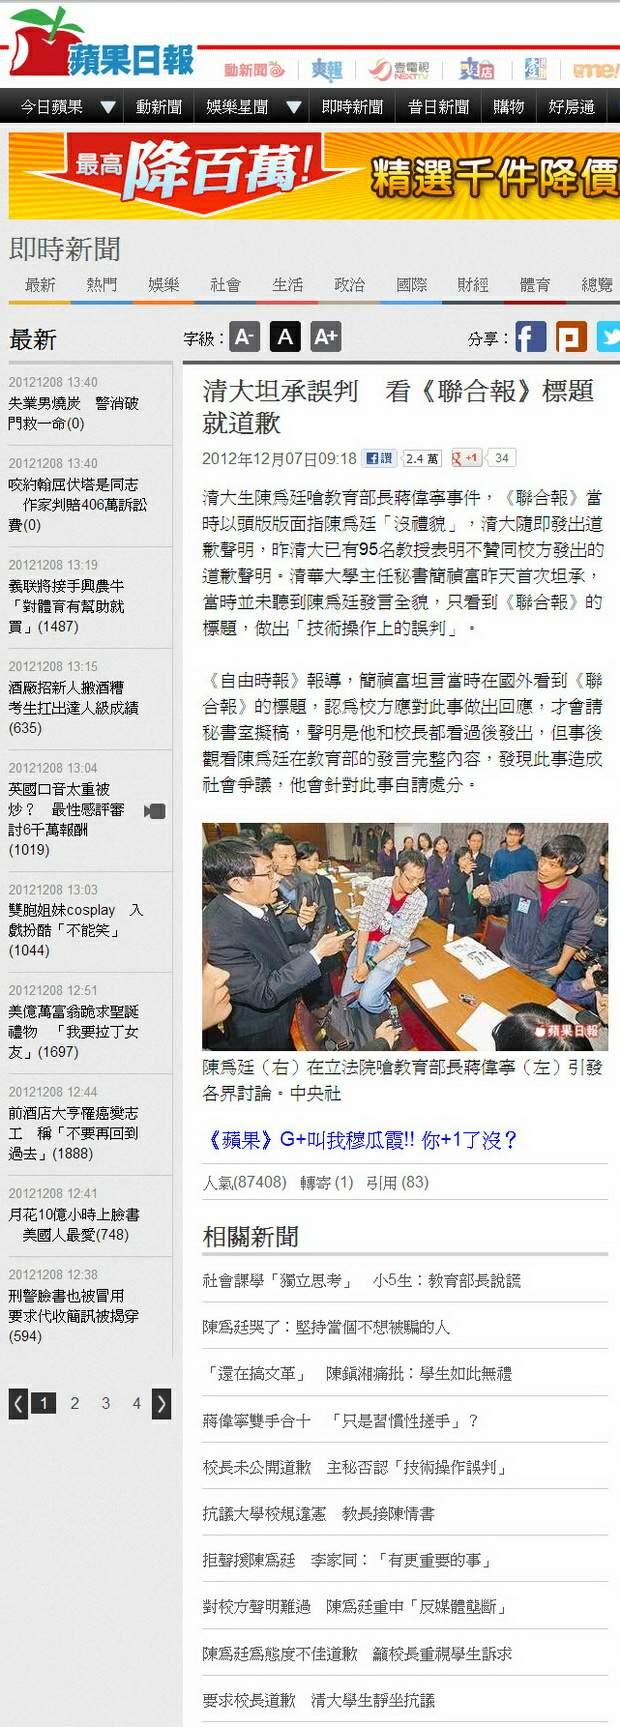 清大坦承誤判 看《聯合報》標題就道歉-2012.12.07